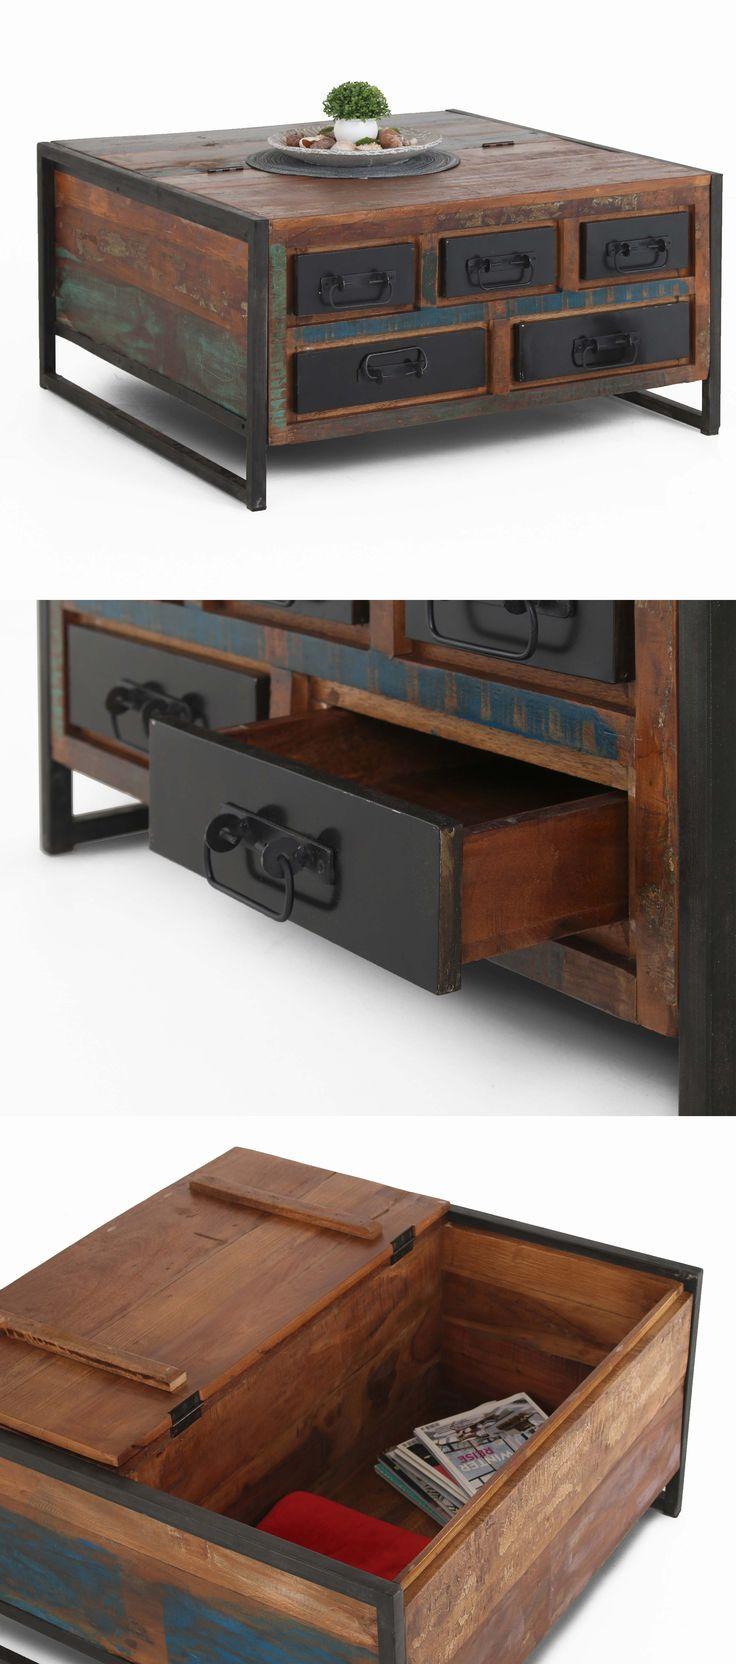 vintage couchtisch bali im shabby chic look begeistert der stylische couchtisch bali in jedem. Black Bedroom Furniture Sets. Home Design Ideas